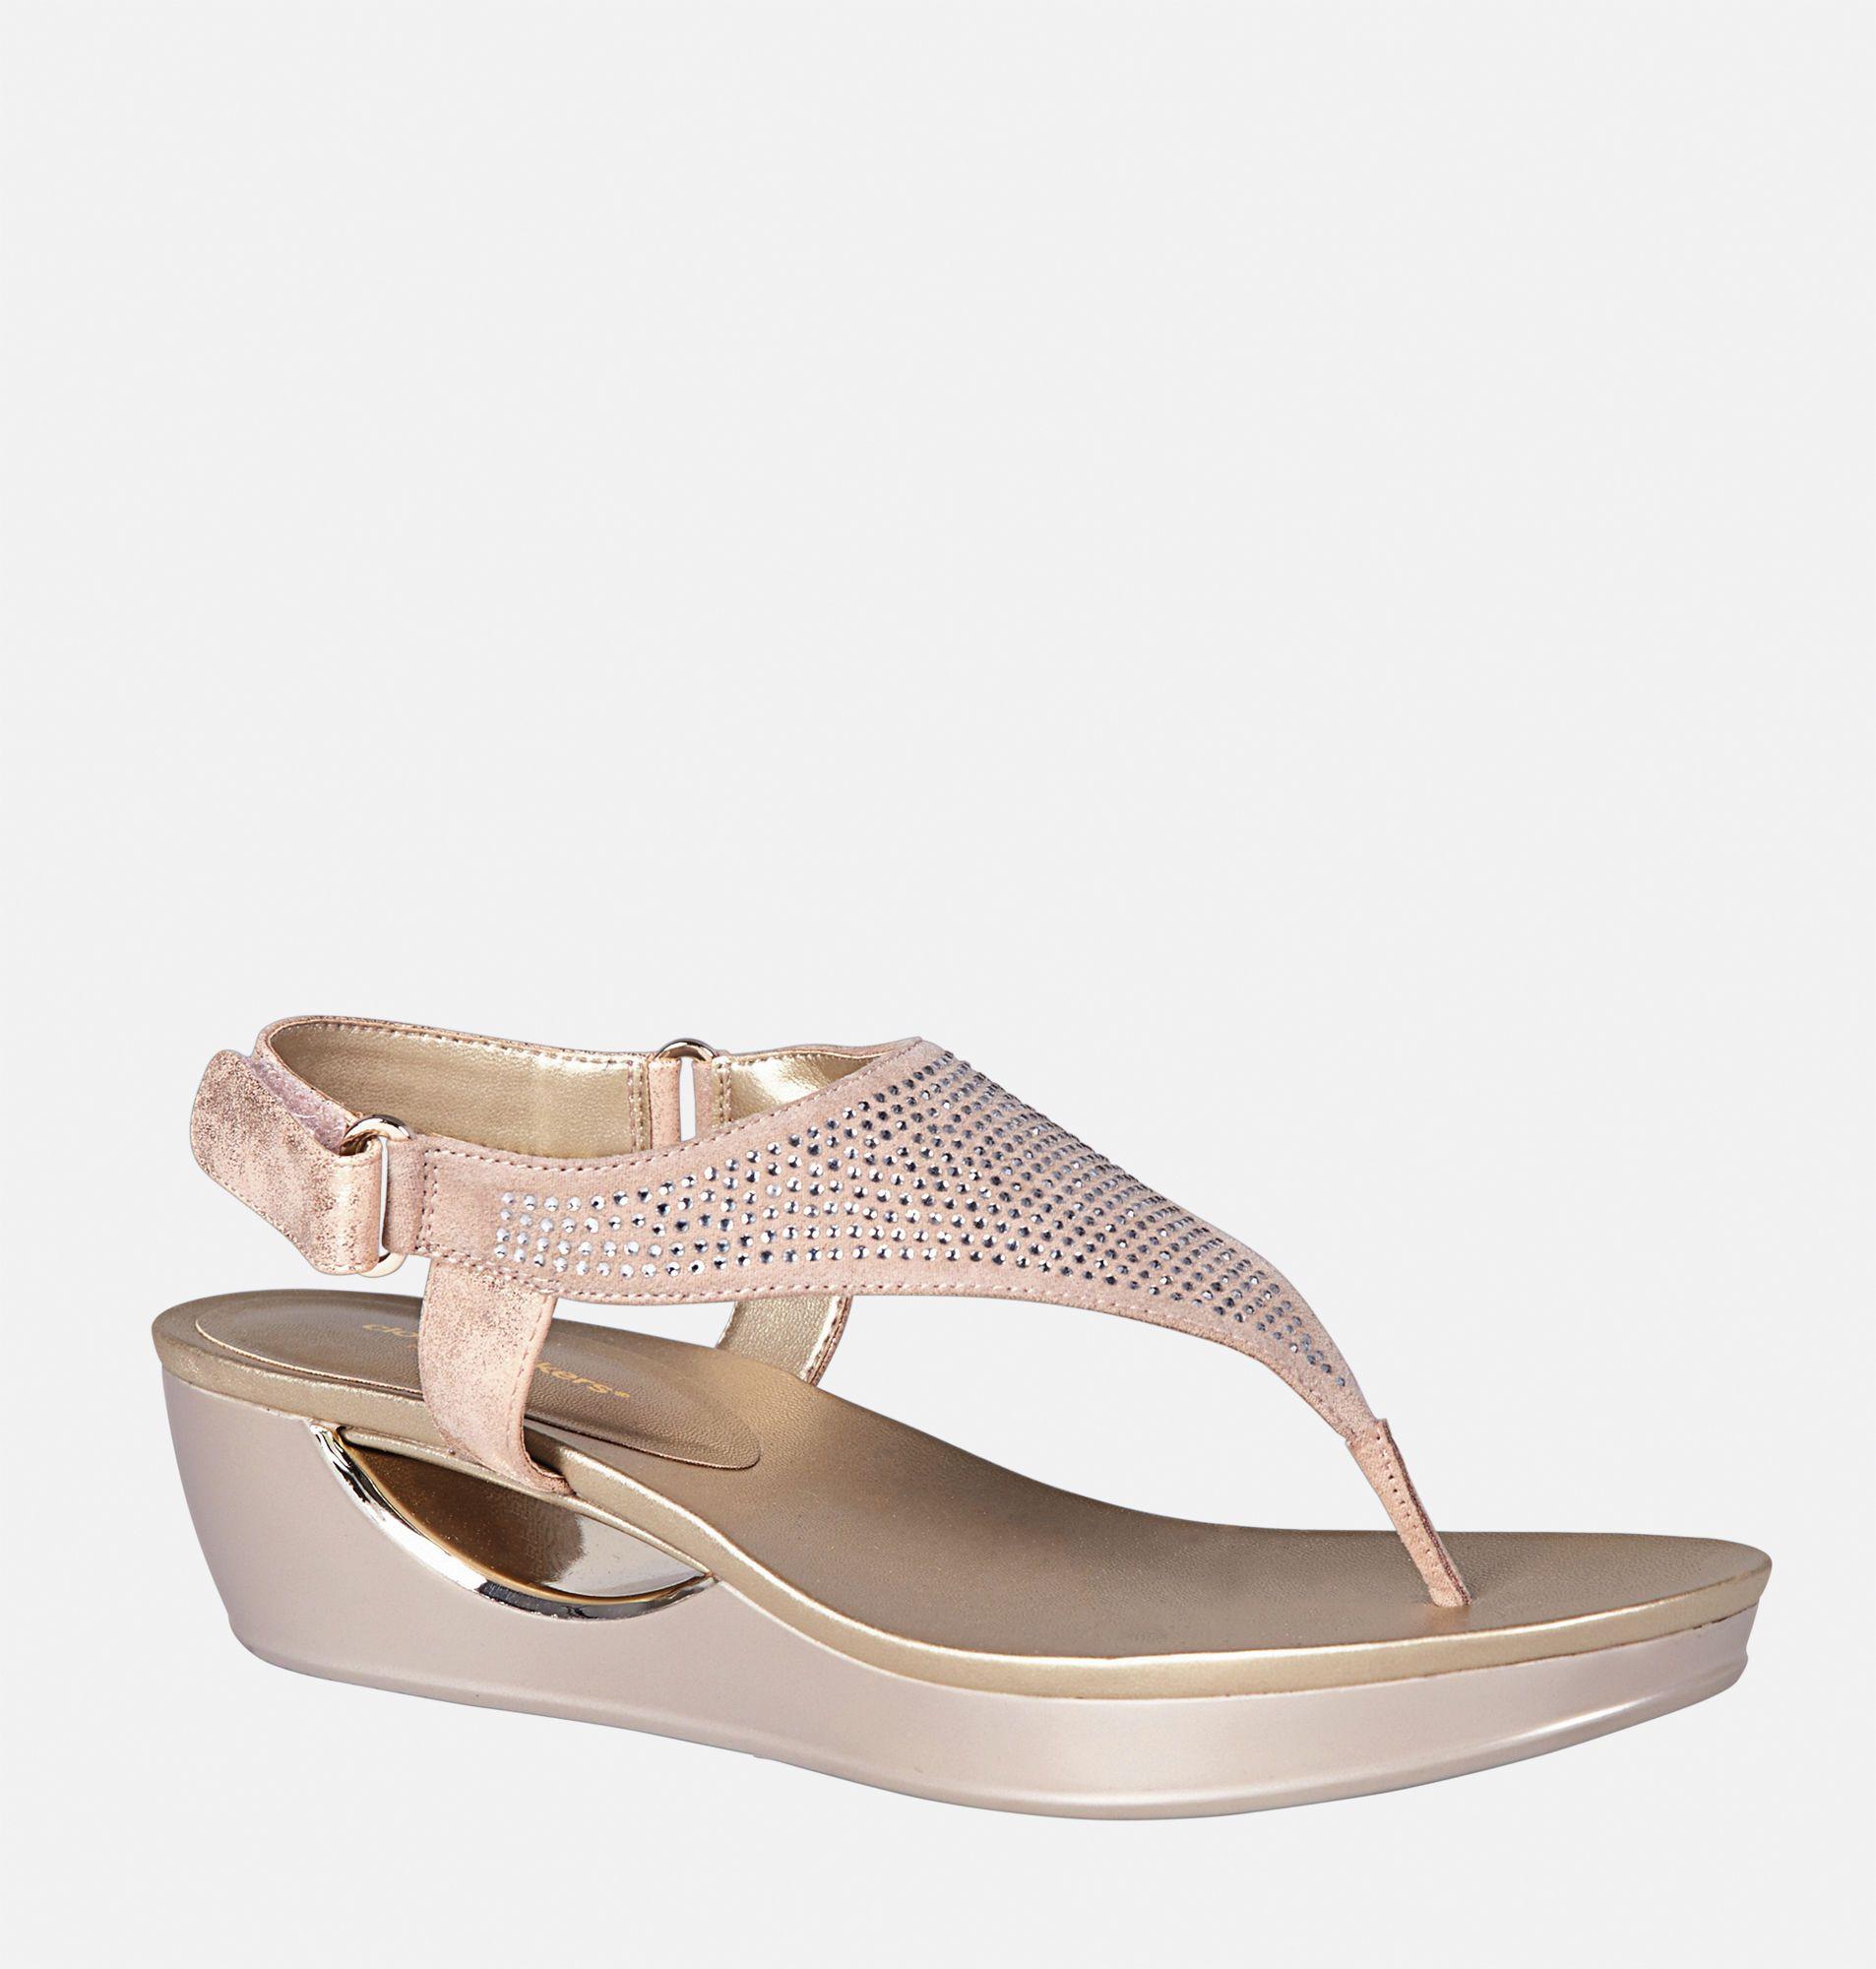 18ad58d9894 Plus size shoes for women Women s Plus Size Shoes  Flats